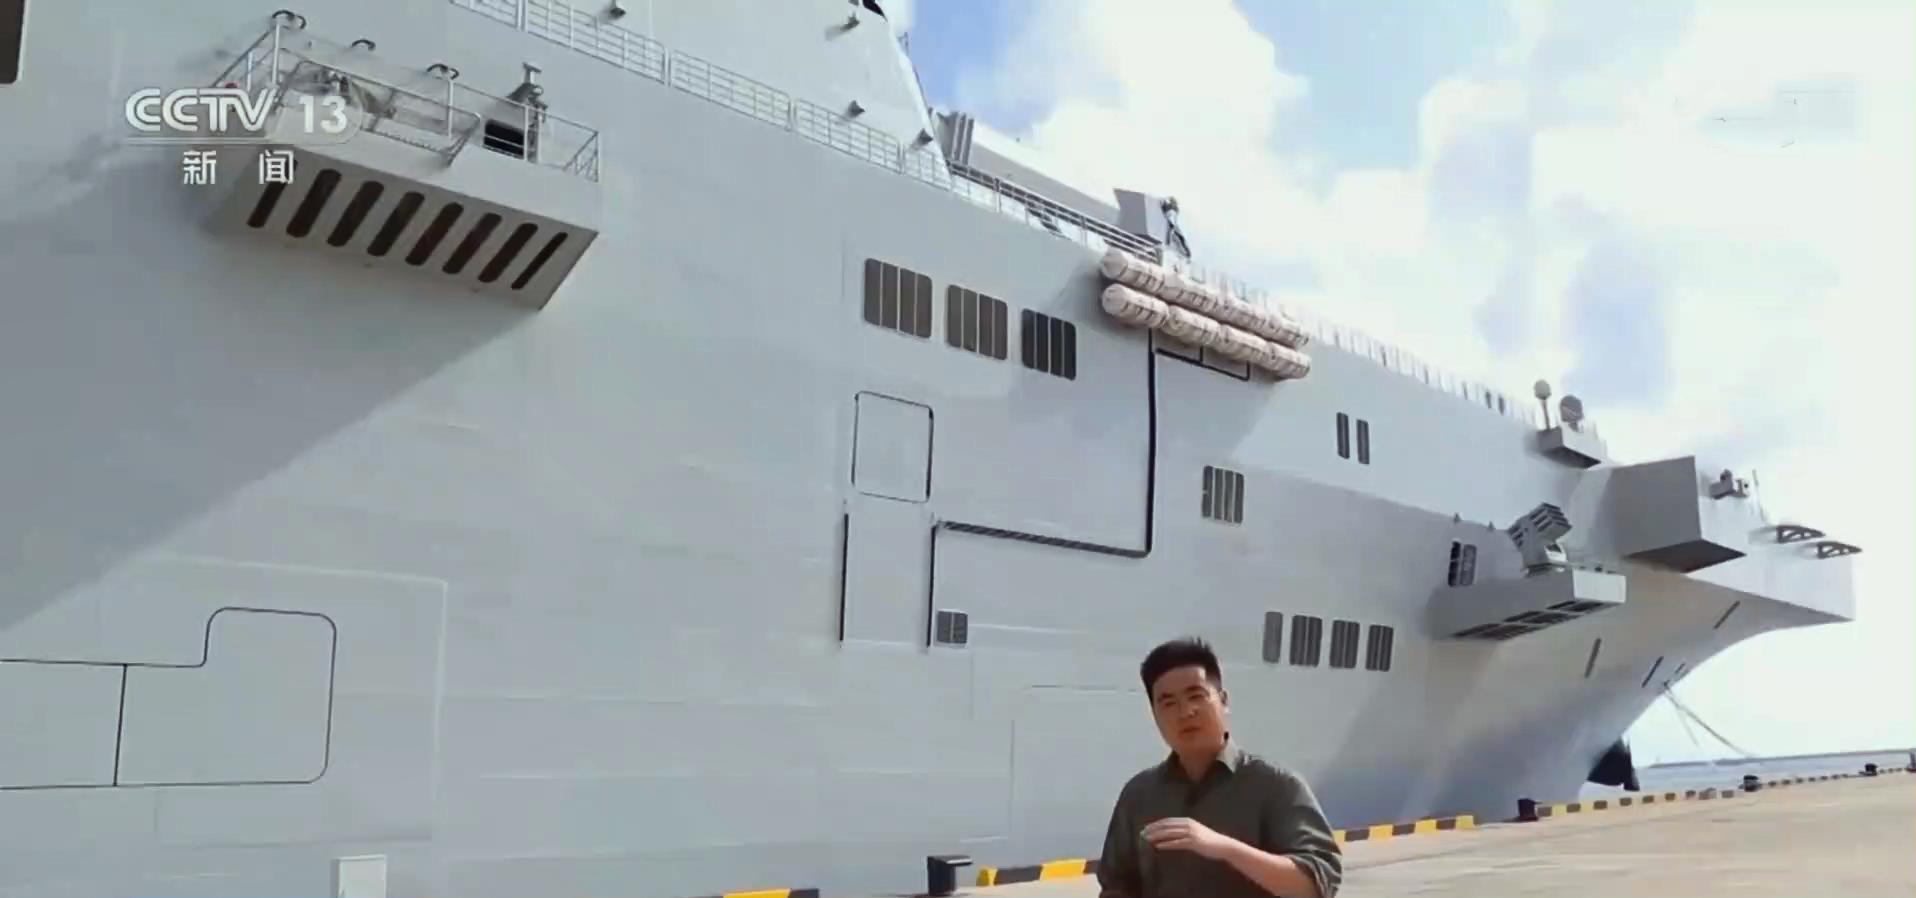 央视带你走进海南舰,有15层楼高,性能先进是我国两栖作战核心